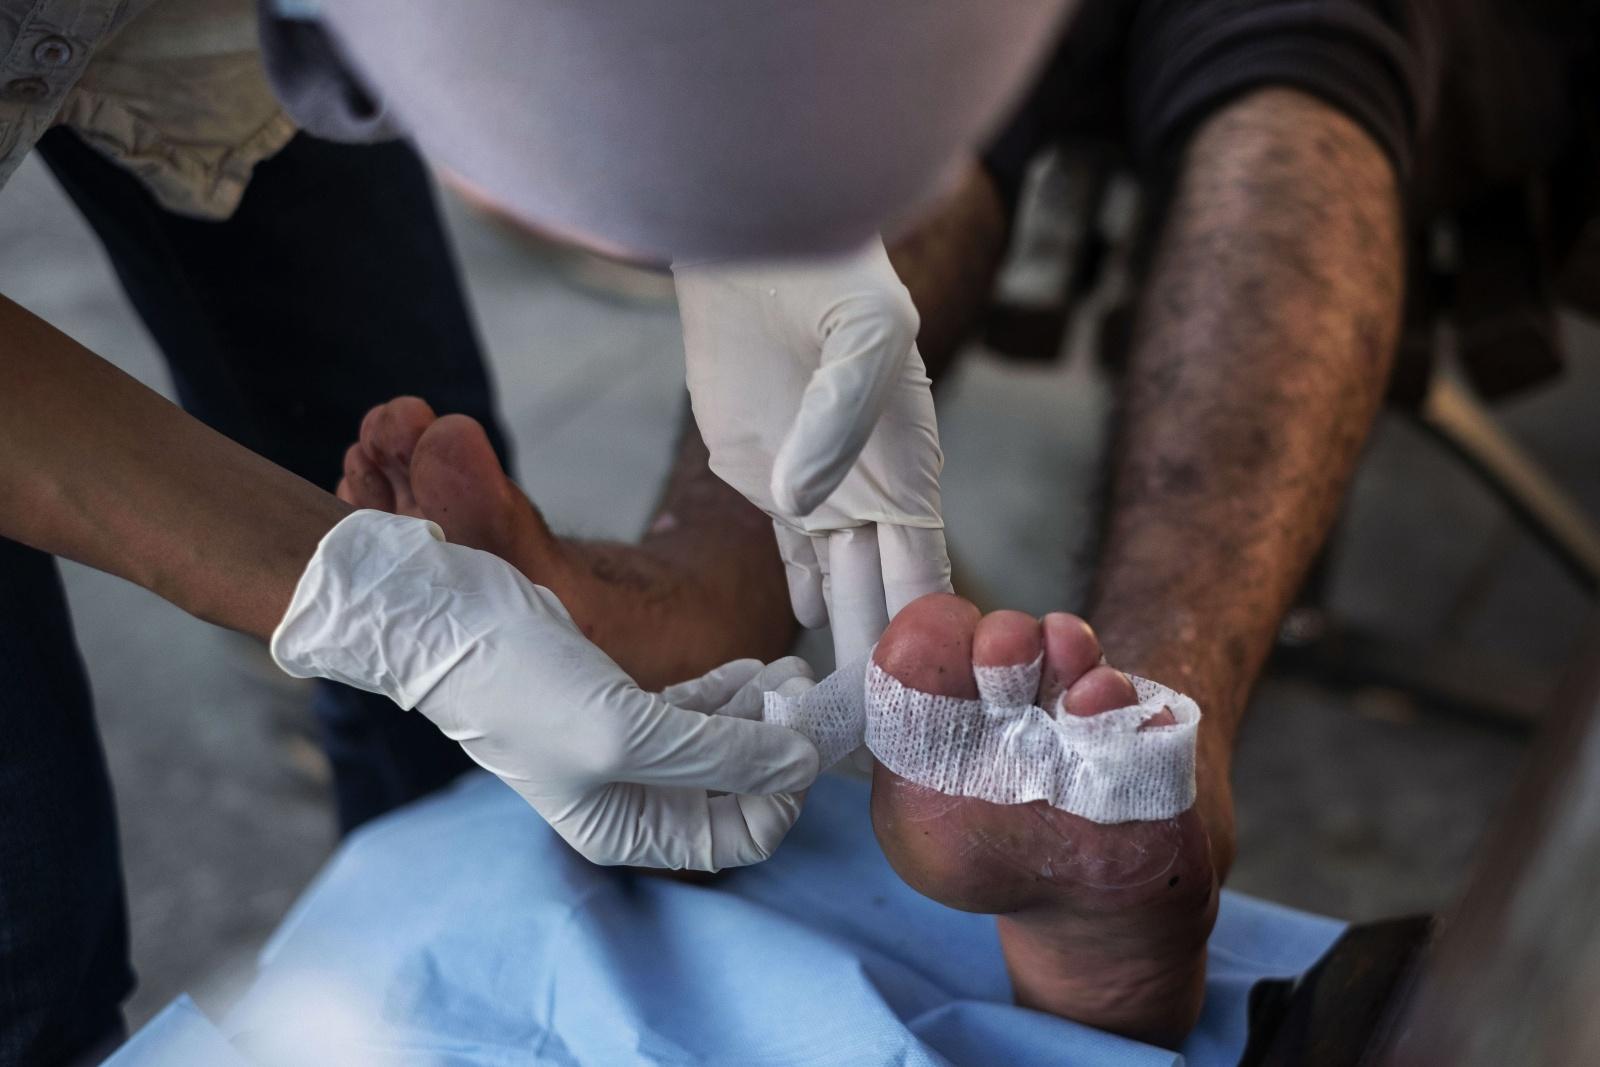 I volontari dell'Associazione di Trieste Linea d'Ombra tutti i giorni nella piazza antistante alla stazione ferroviaria medicano le ferite dei migranti  che hanno subito durante il lungo cammino per attraversare la rotta balcanica